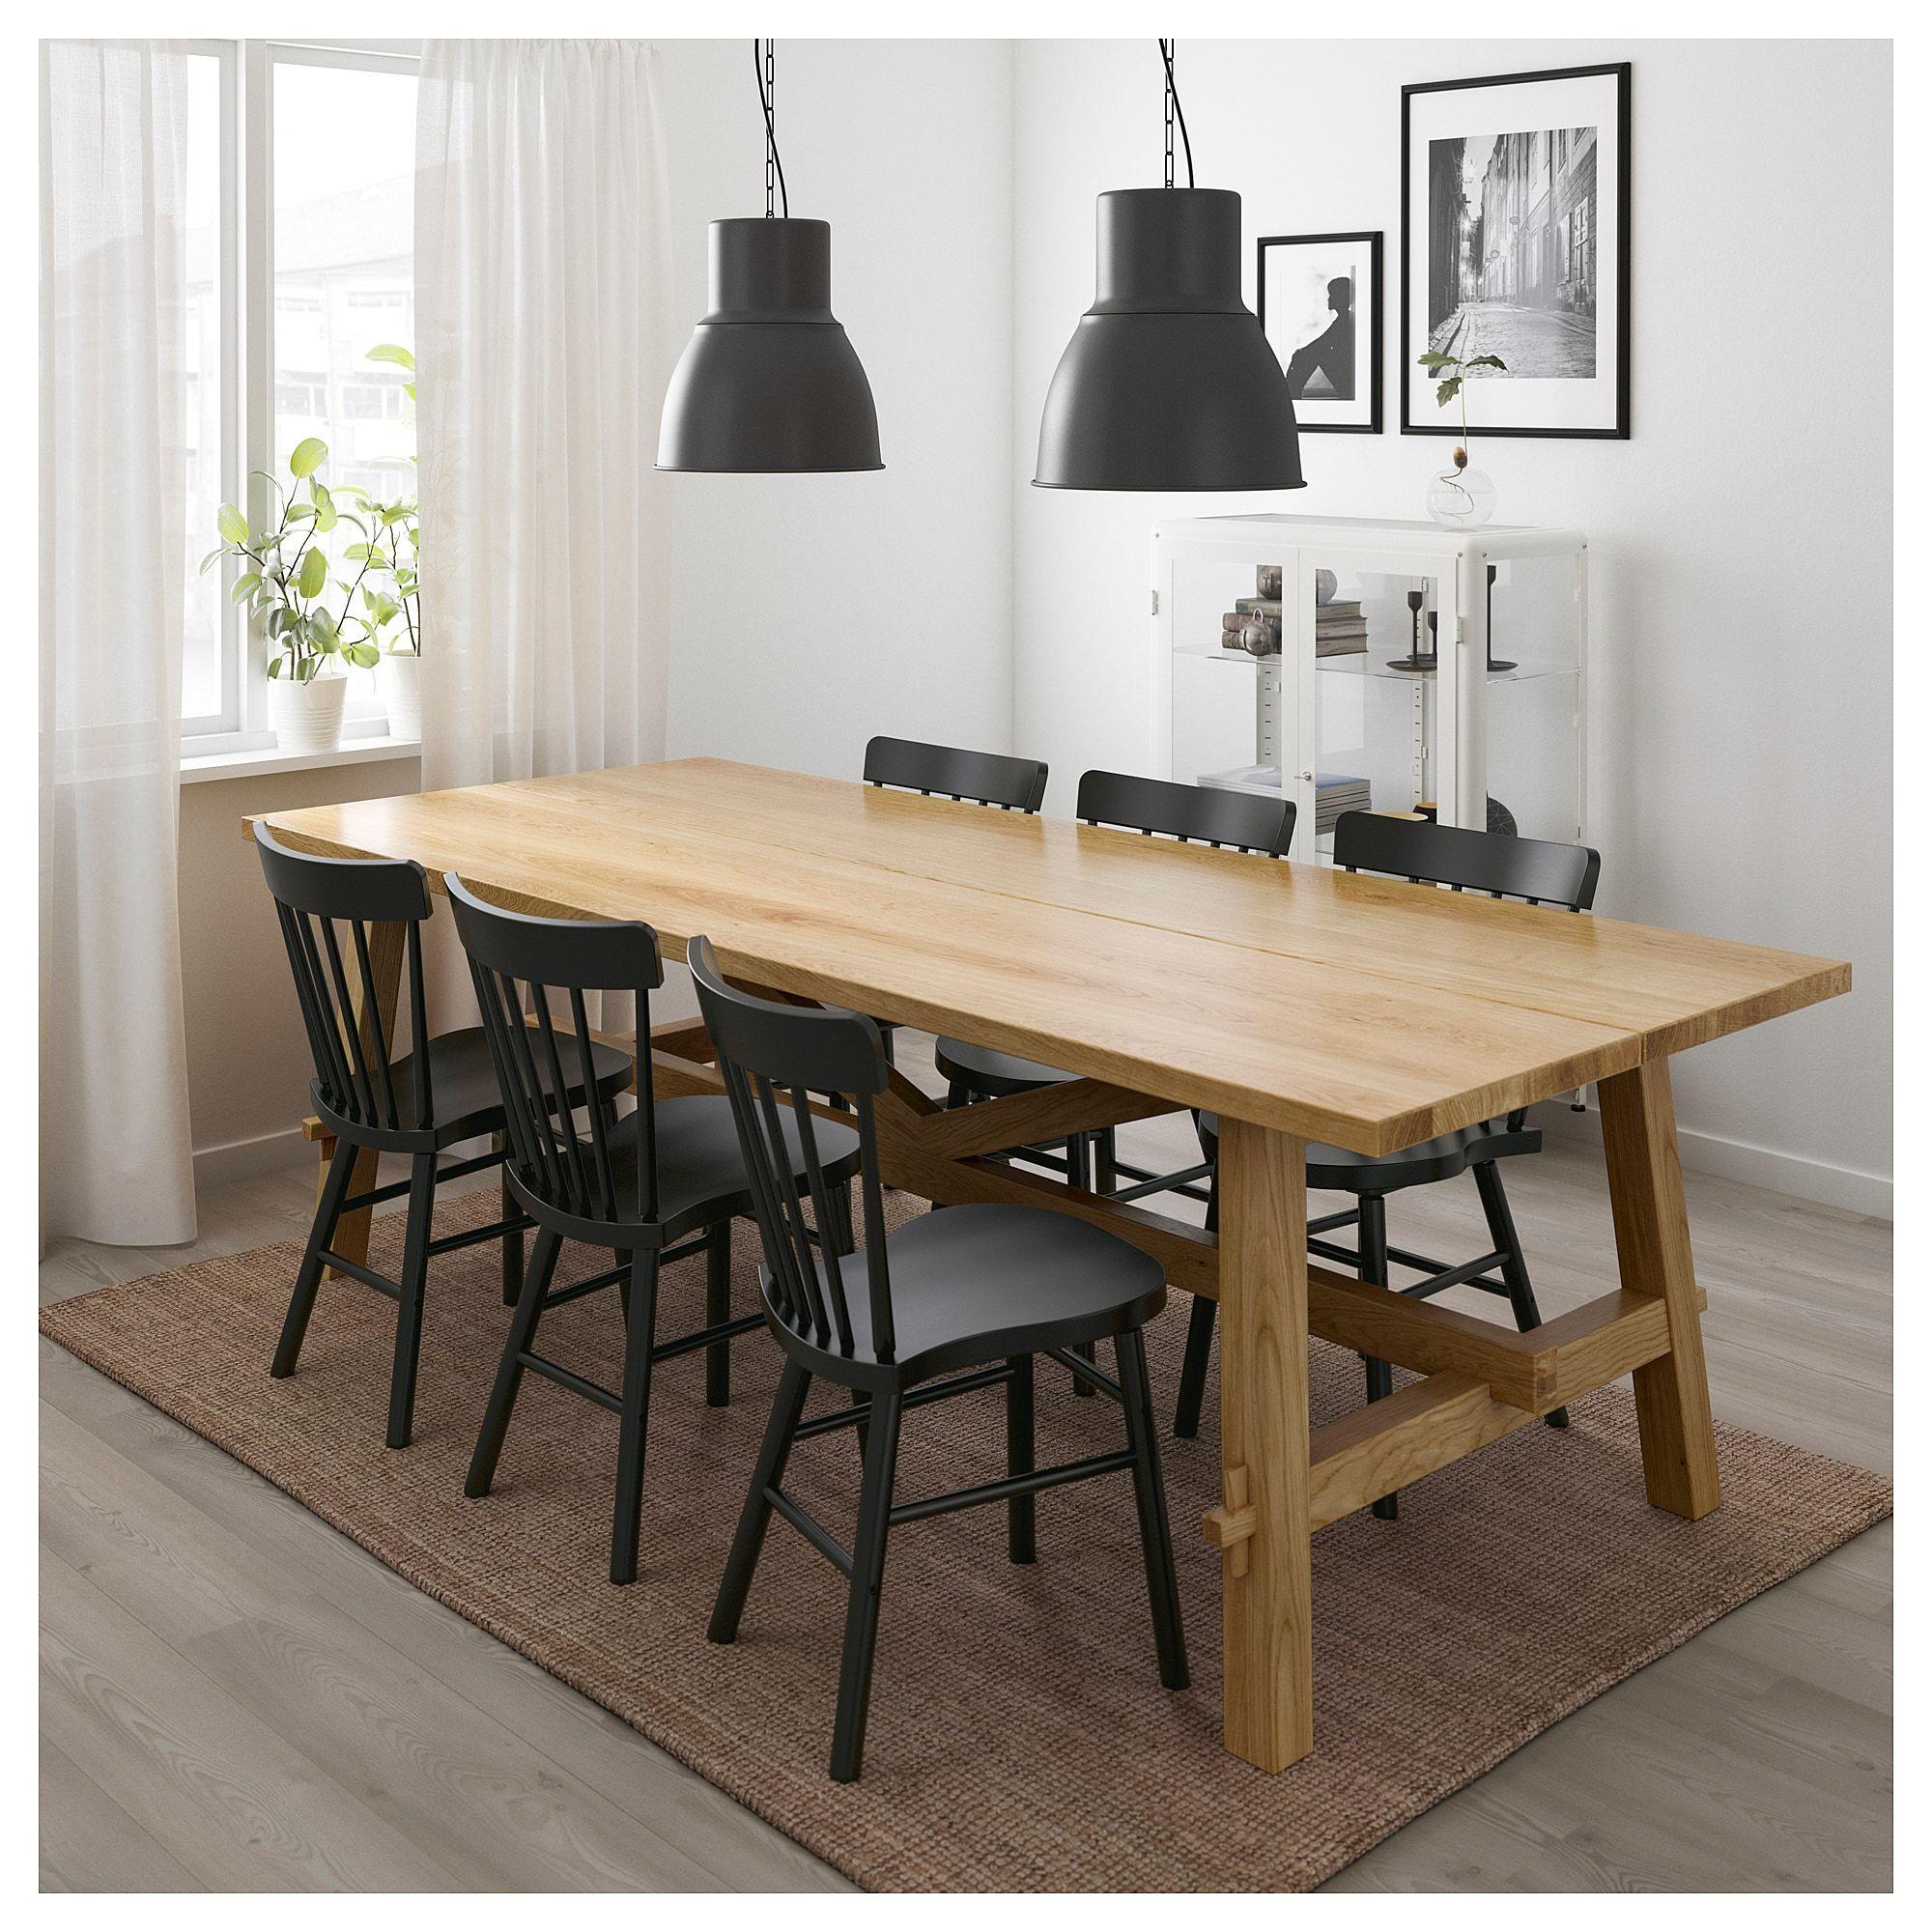 Esstisch Mit Stuhlen Ikea Tisch Mit 4 Stuhlen Ikea 2020 02 26